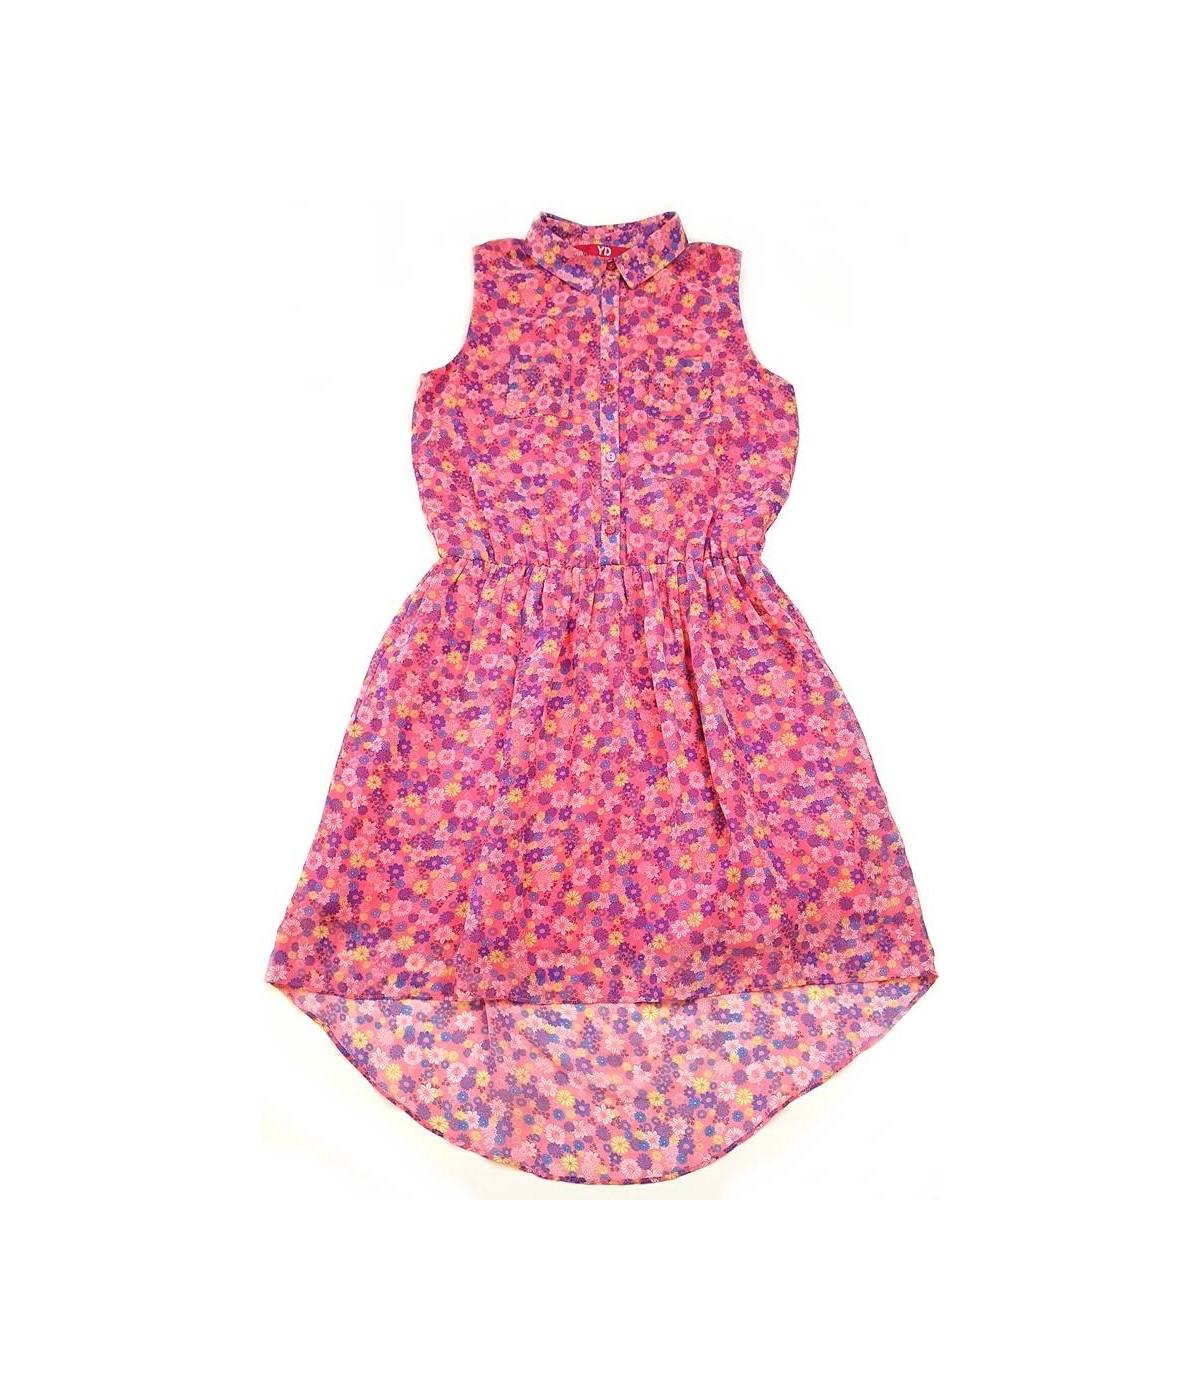 61bbea81ec Tarka virágos rózsaszín ruha (158) - Ruhacuka